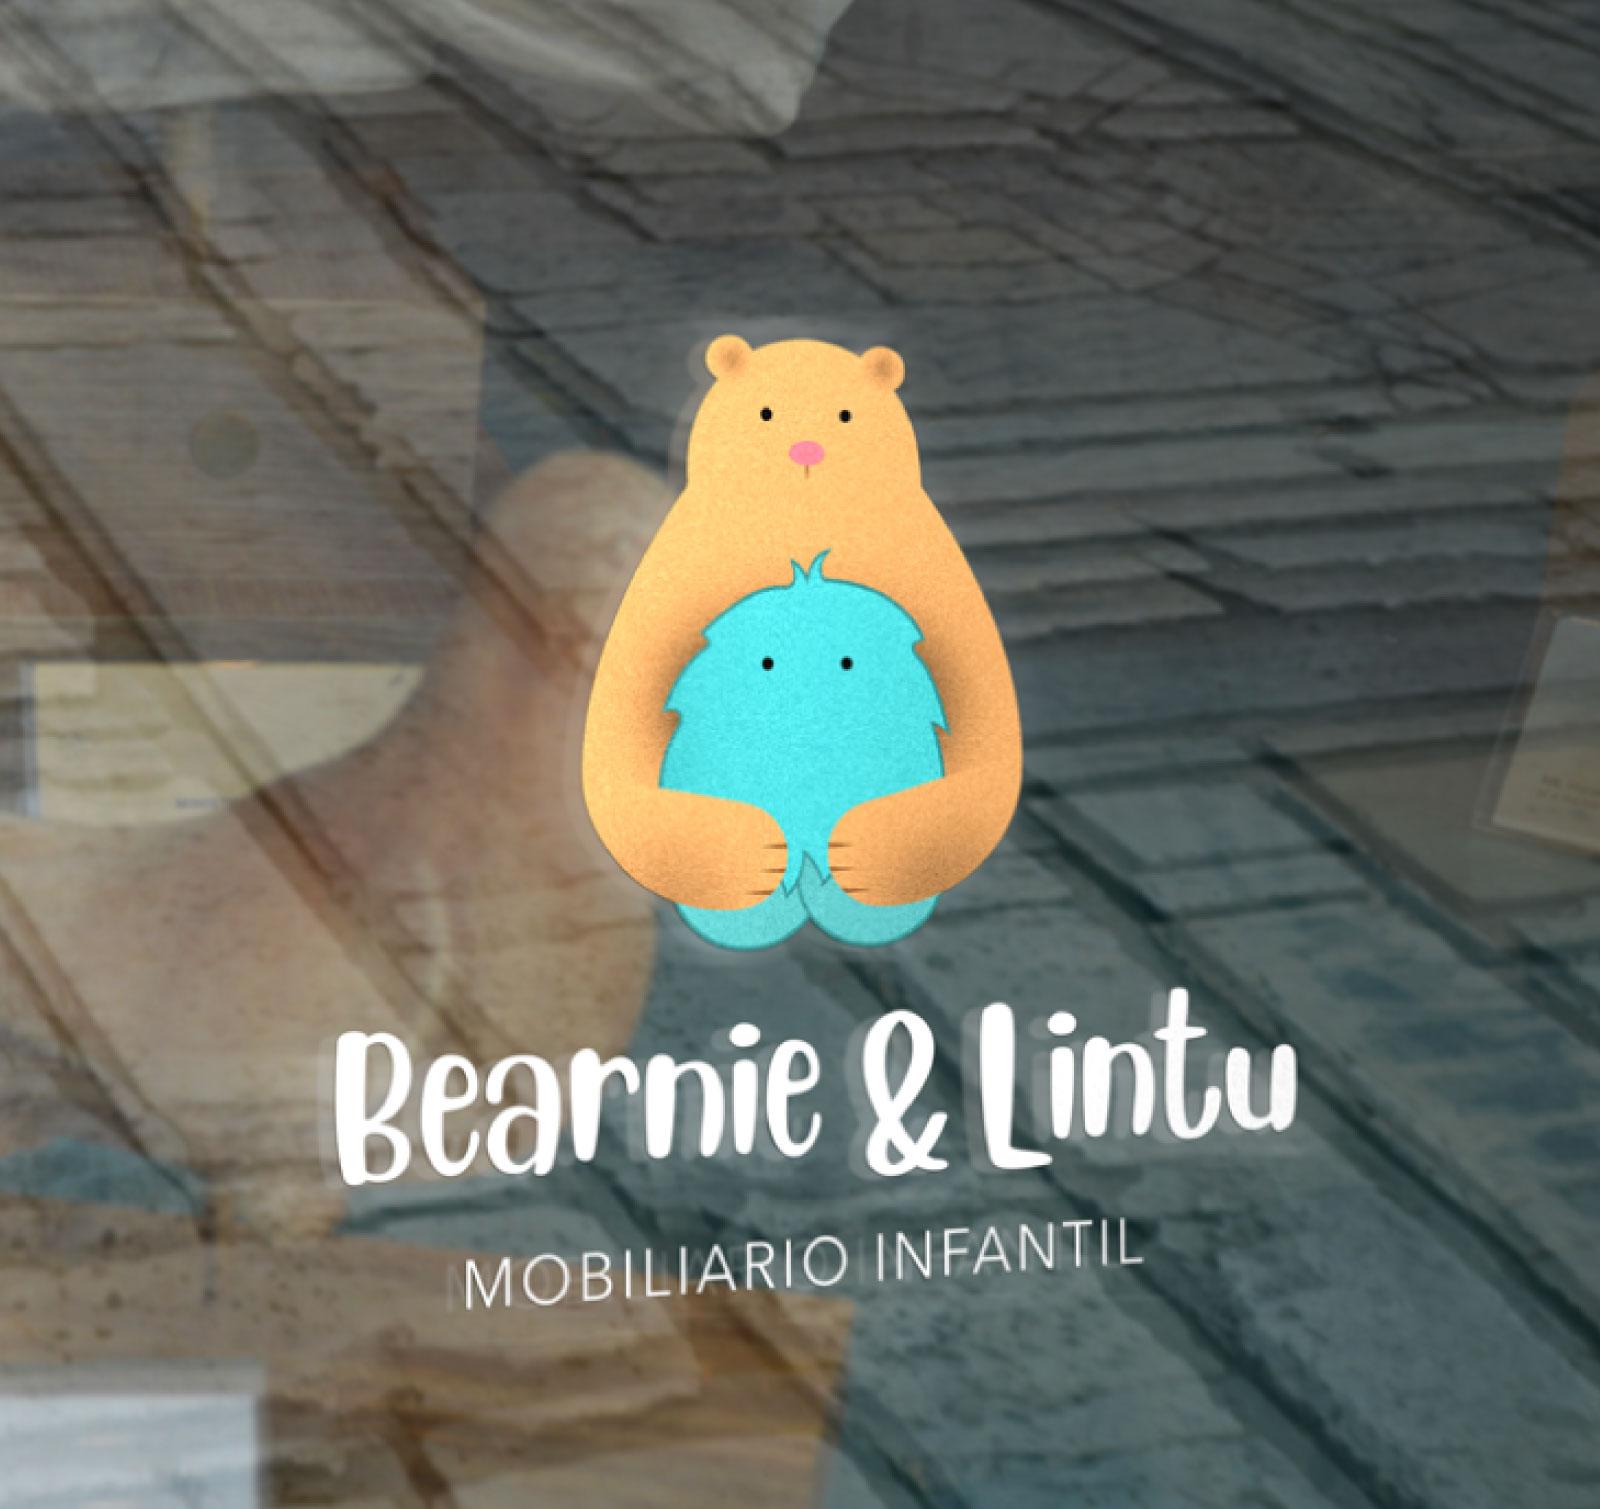 Identidad Corporativa Bearnie Lintu